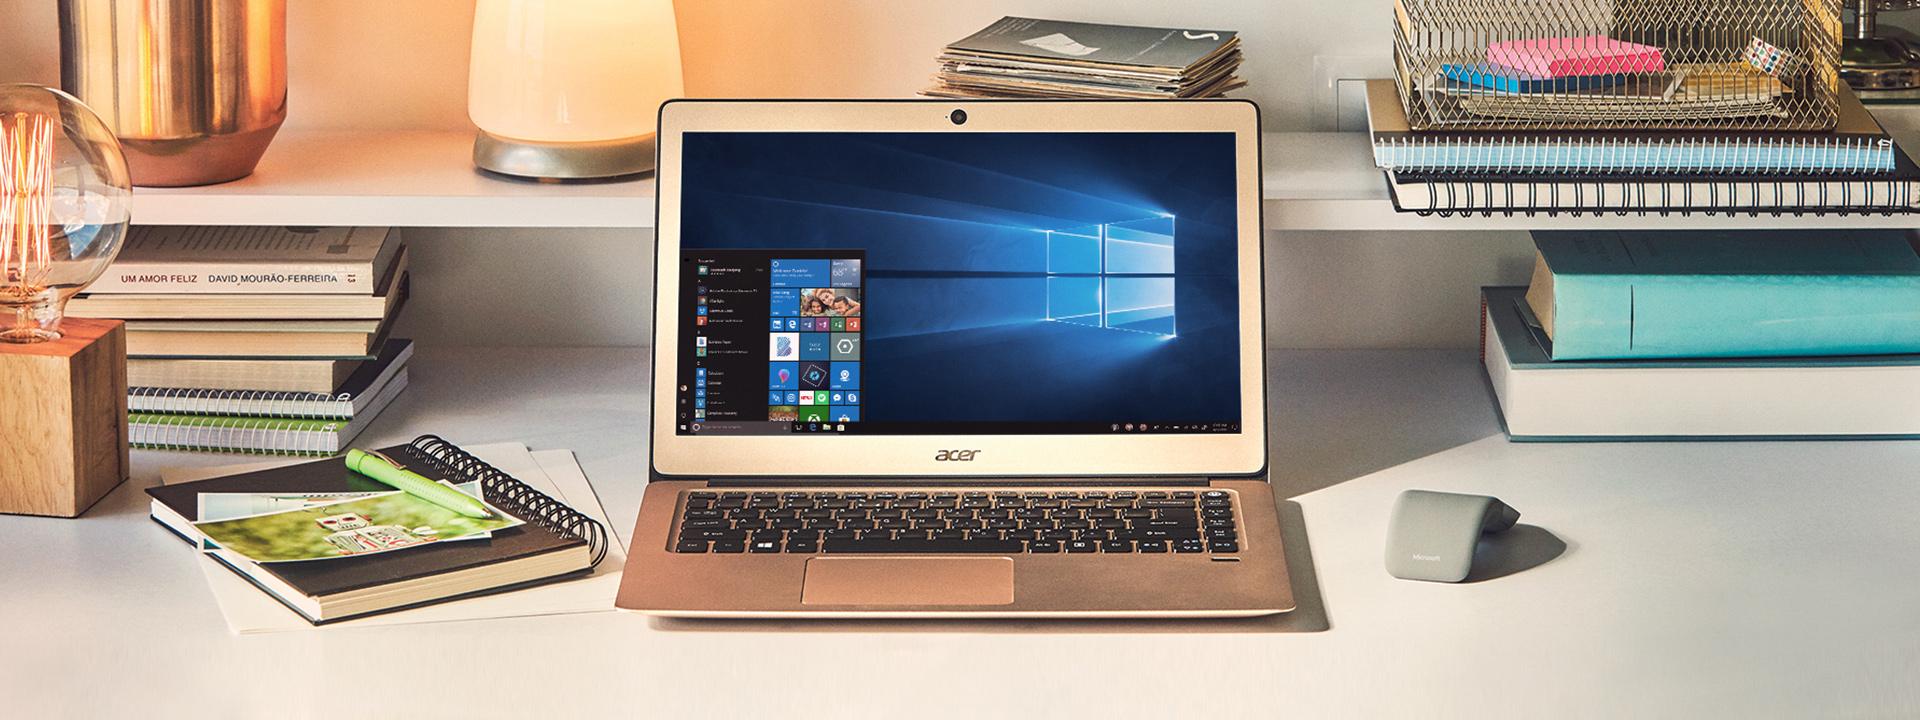 Kannettava Acer-tietokone ja hiiri pöydällä, ympärillä kirjoja ja muistilehtiöitä